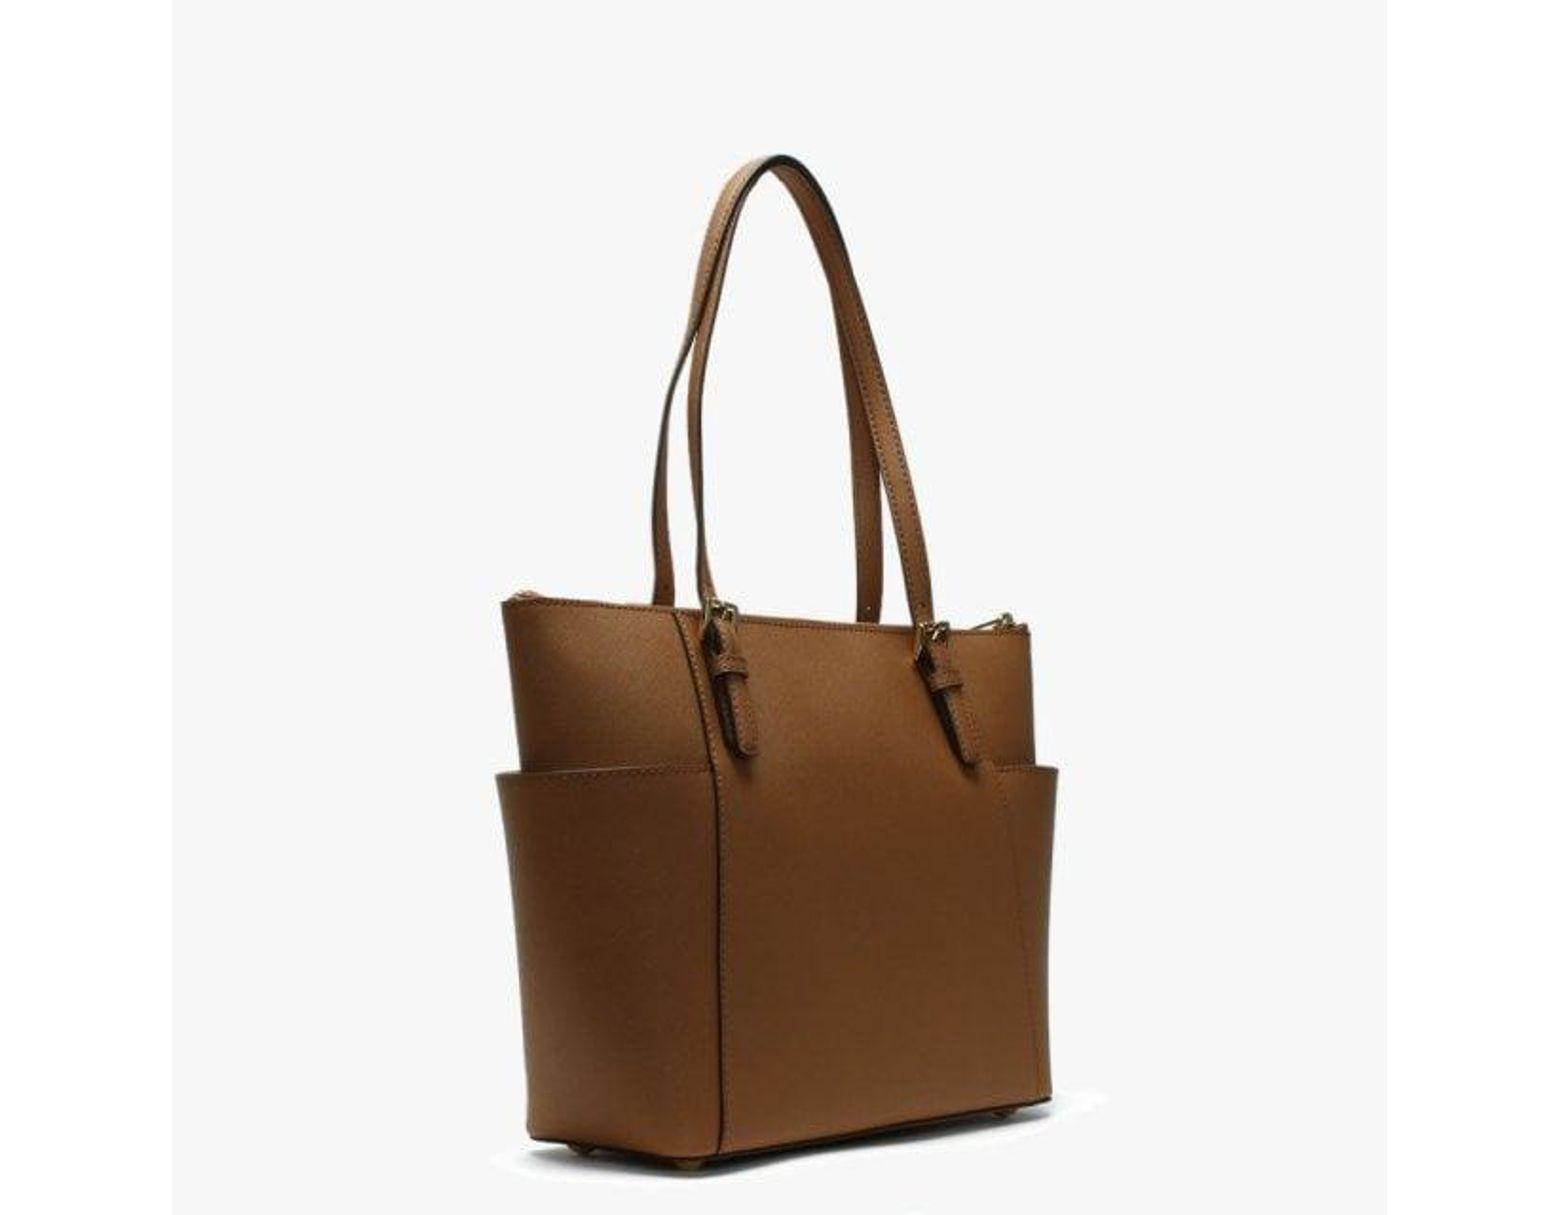 816ee40e5239 Michael Kors Jet Set Pocjet Set Pocket Acorn Leather Top Zip Tote Bag in  Brown - Lyst